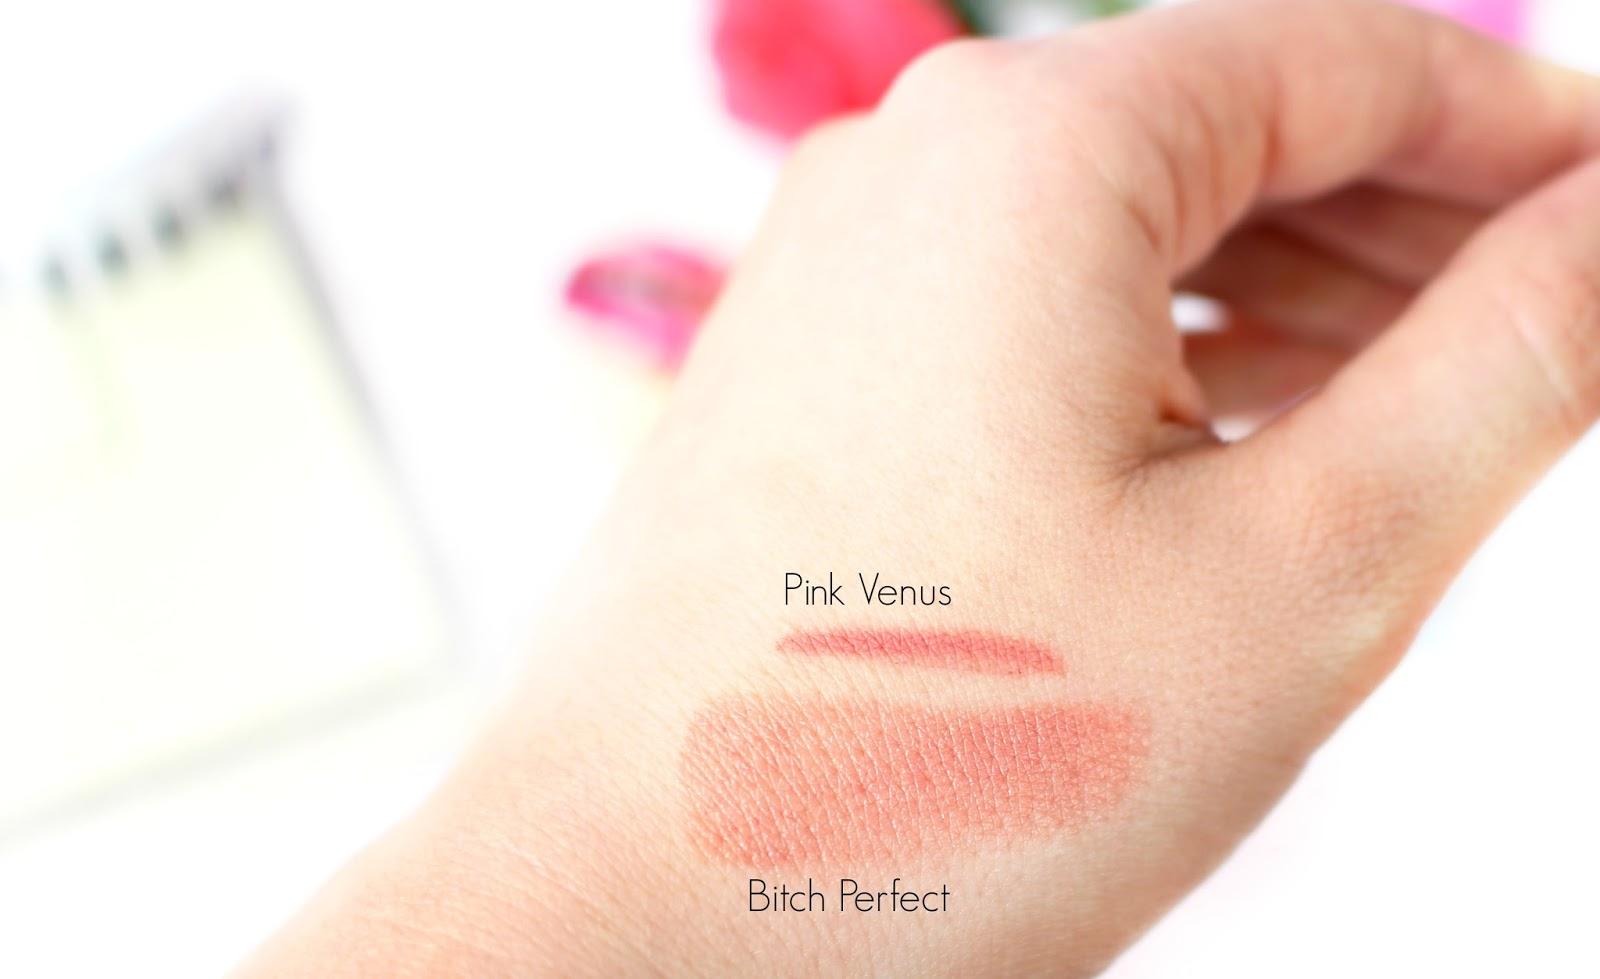 Charlotte Tilbury Pink Venus